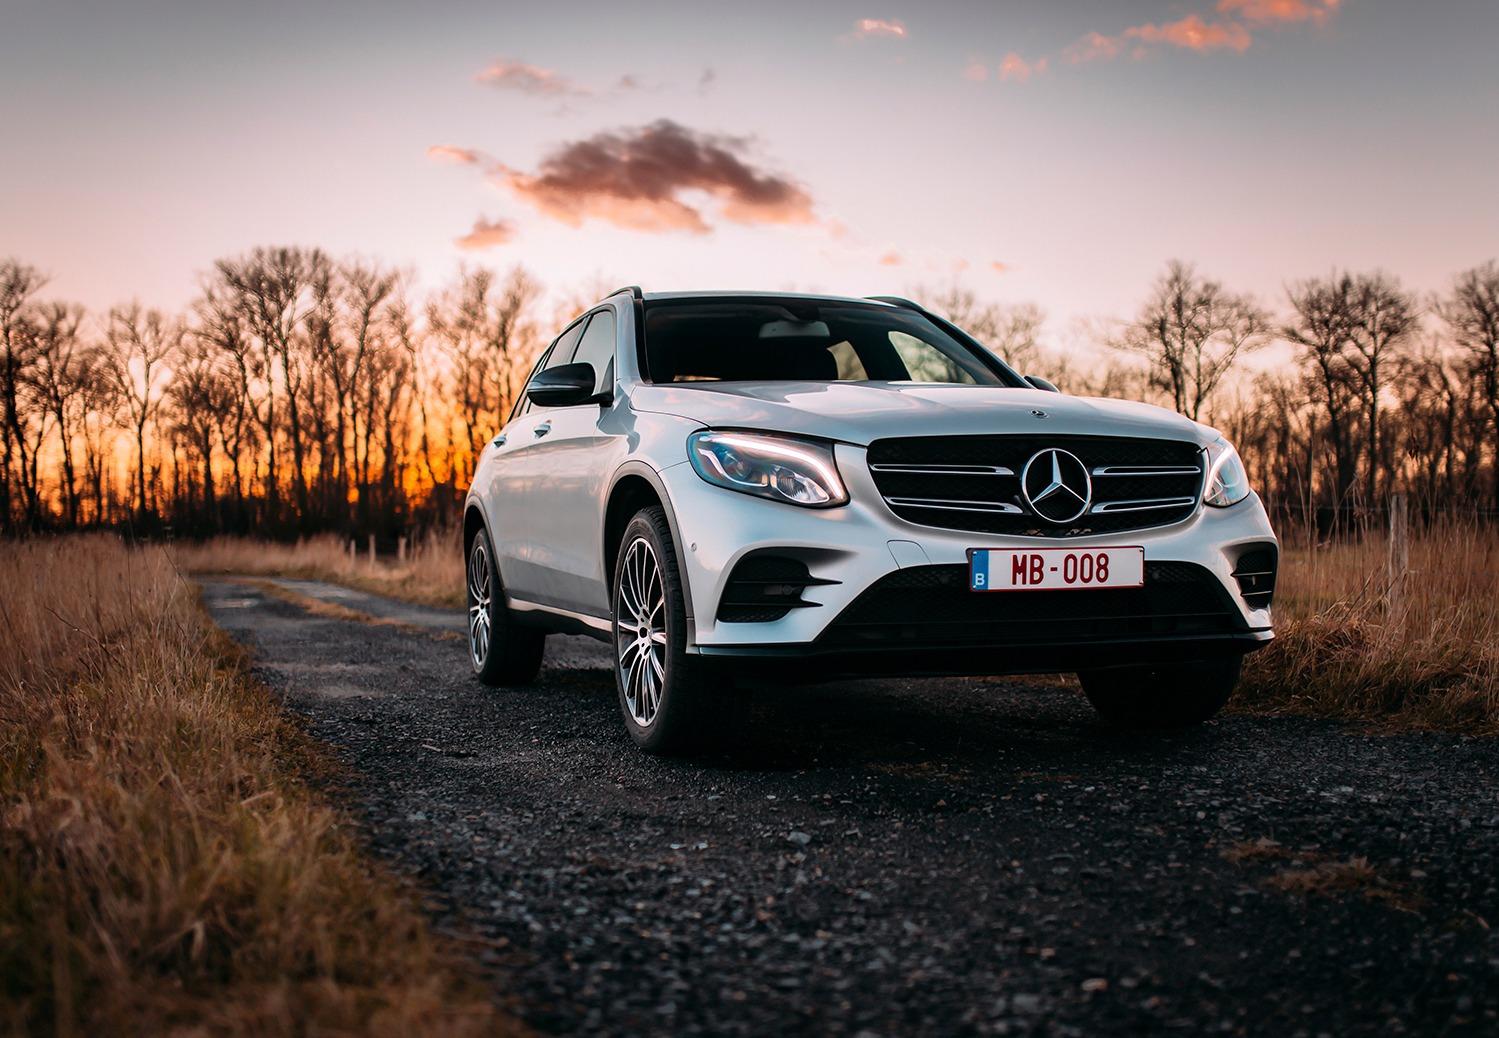 Rijtest: Mercedes GLC 250d